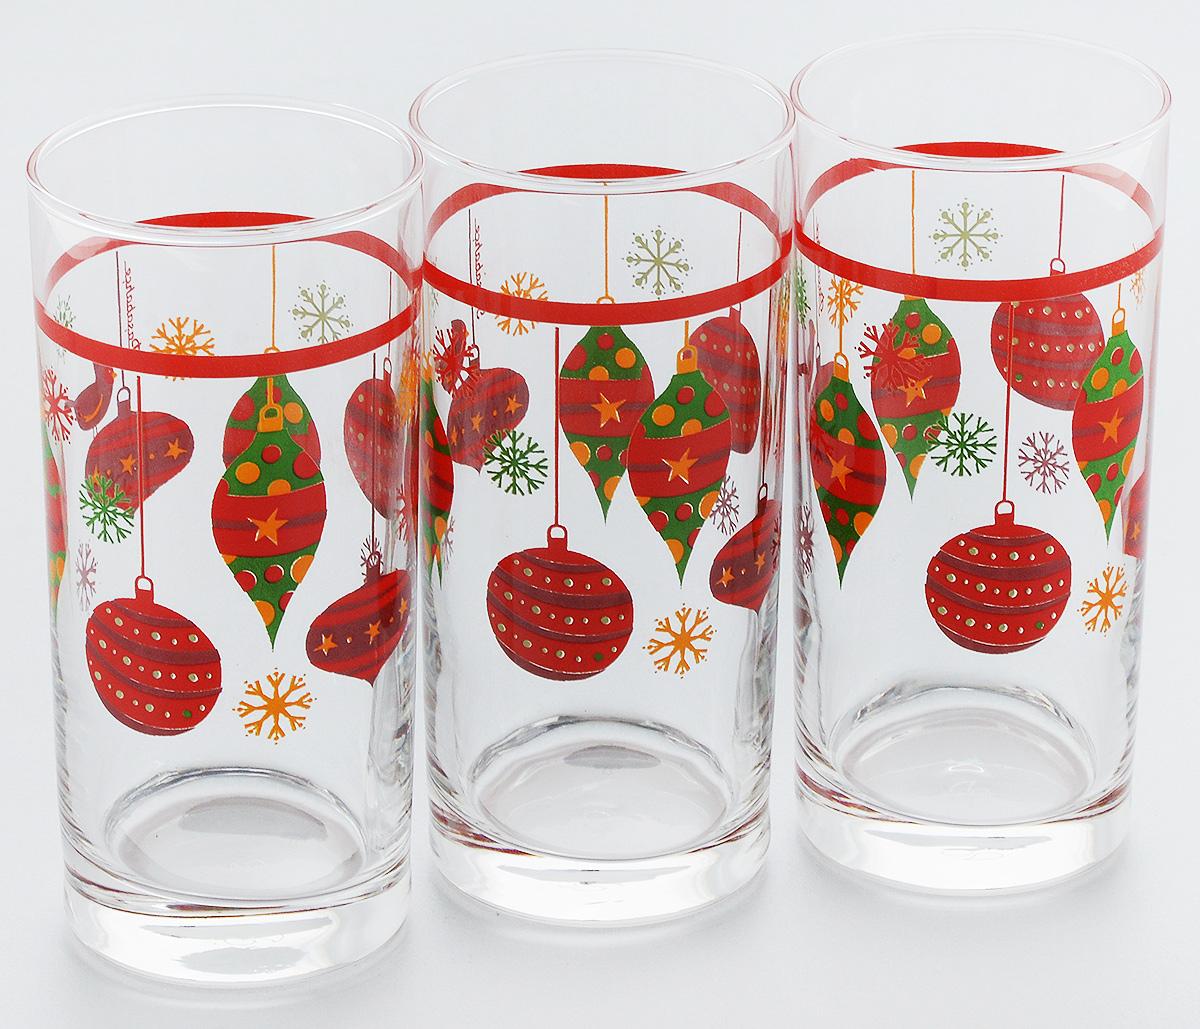 Набор стаканов Pasabahce Workshop Christmas Toys, 287 мл, 3 шт42402B/D11Набор Pasabahce Workshop Christmas Toys состоит из трех бокалов, выполненных из закаленного натрий- кальций-силикатного стекла. Изделия украшены ярким рисунком и прекрасно подойдут для подачи холодных напитков. Их оценят как любители классики, так и те, кто предпочитает современный дизайн. Набор идеально подойдет для сервировки стола и станет отличным подарком к любому празднику.